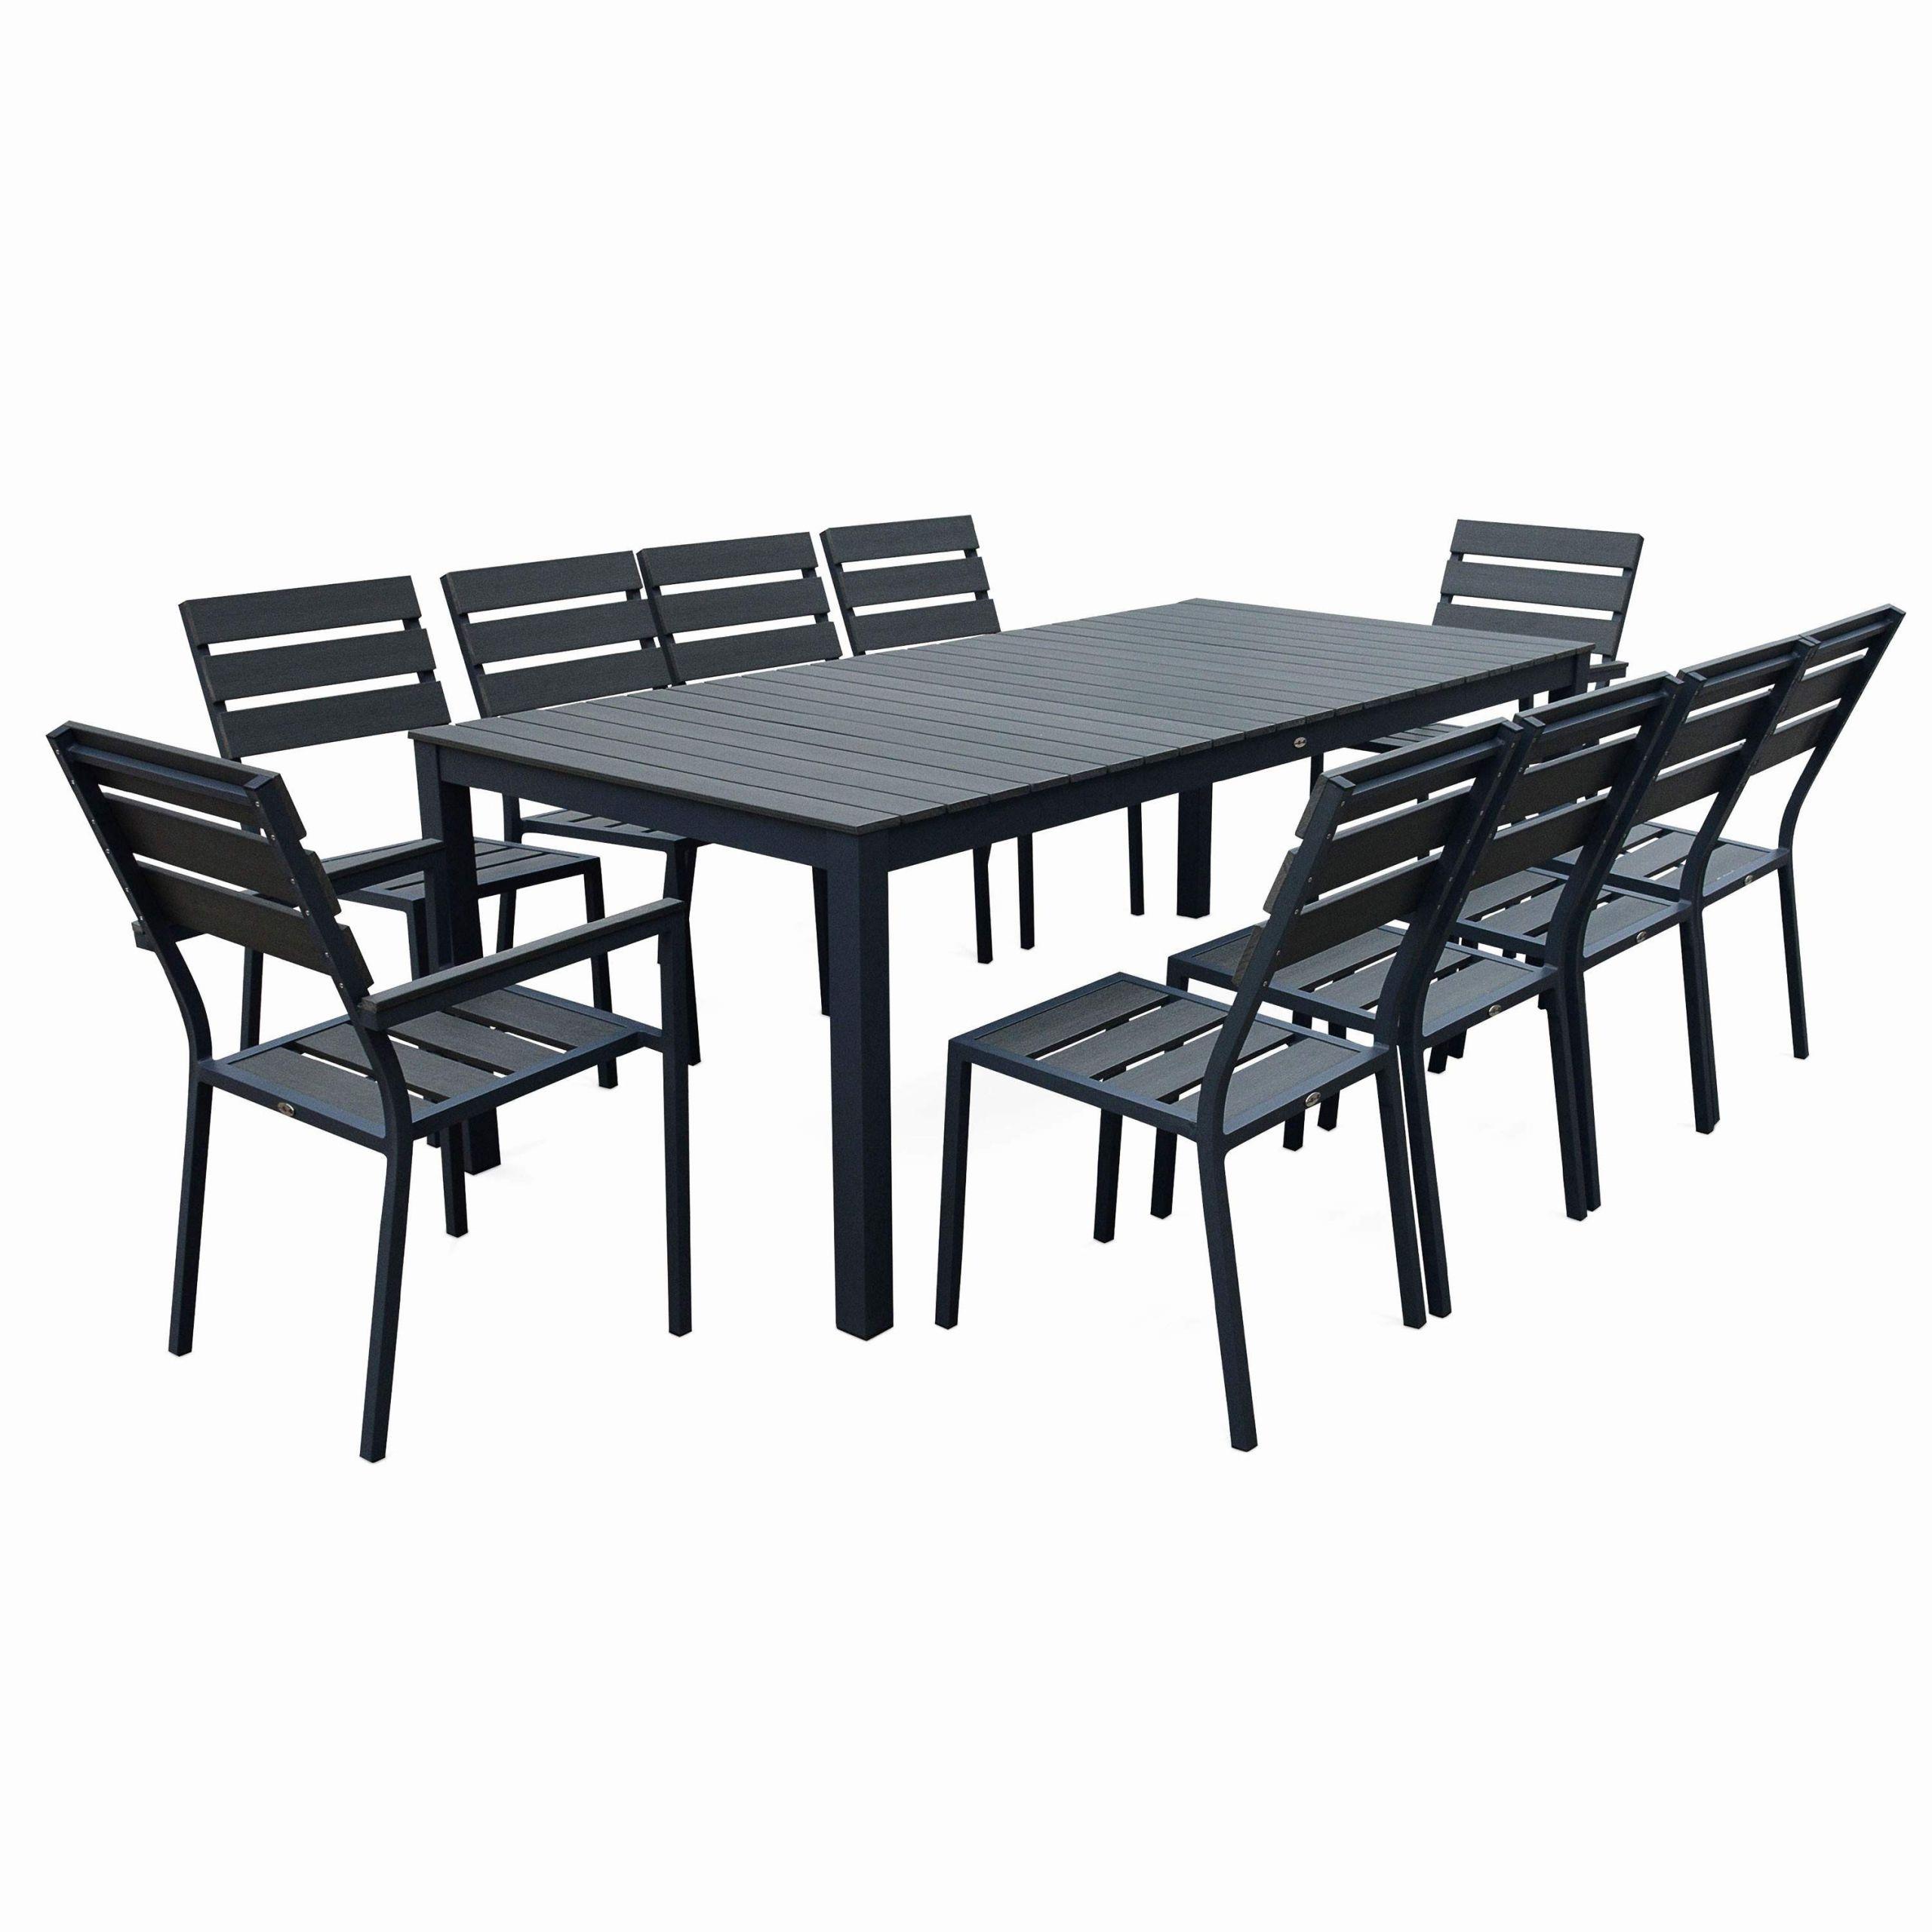 table de jardin avec chaise pas cher 46 concept table de jardin plateau en marbre of table de jardin avec chaise pas cher